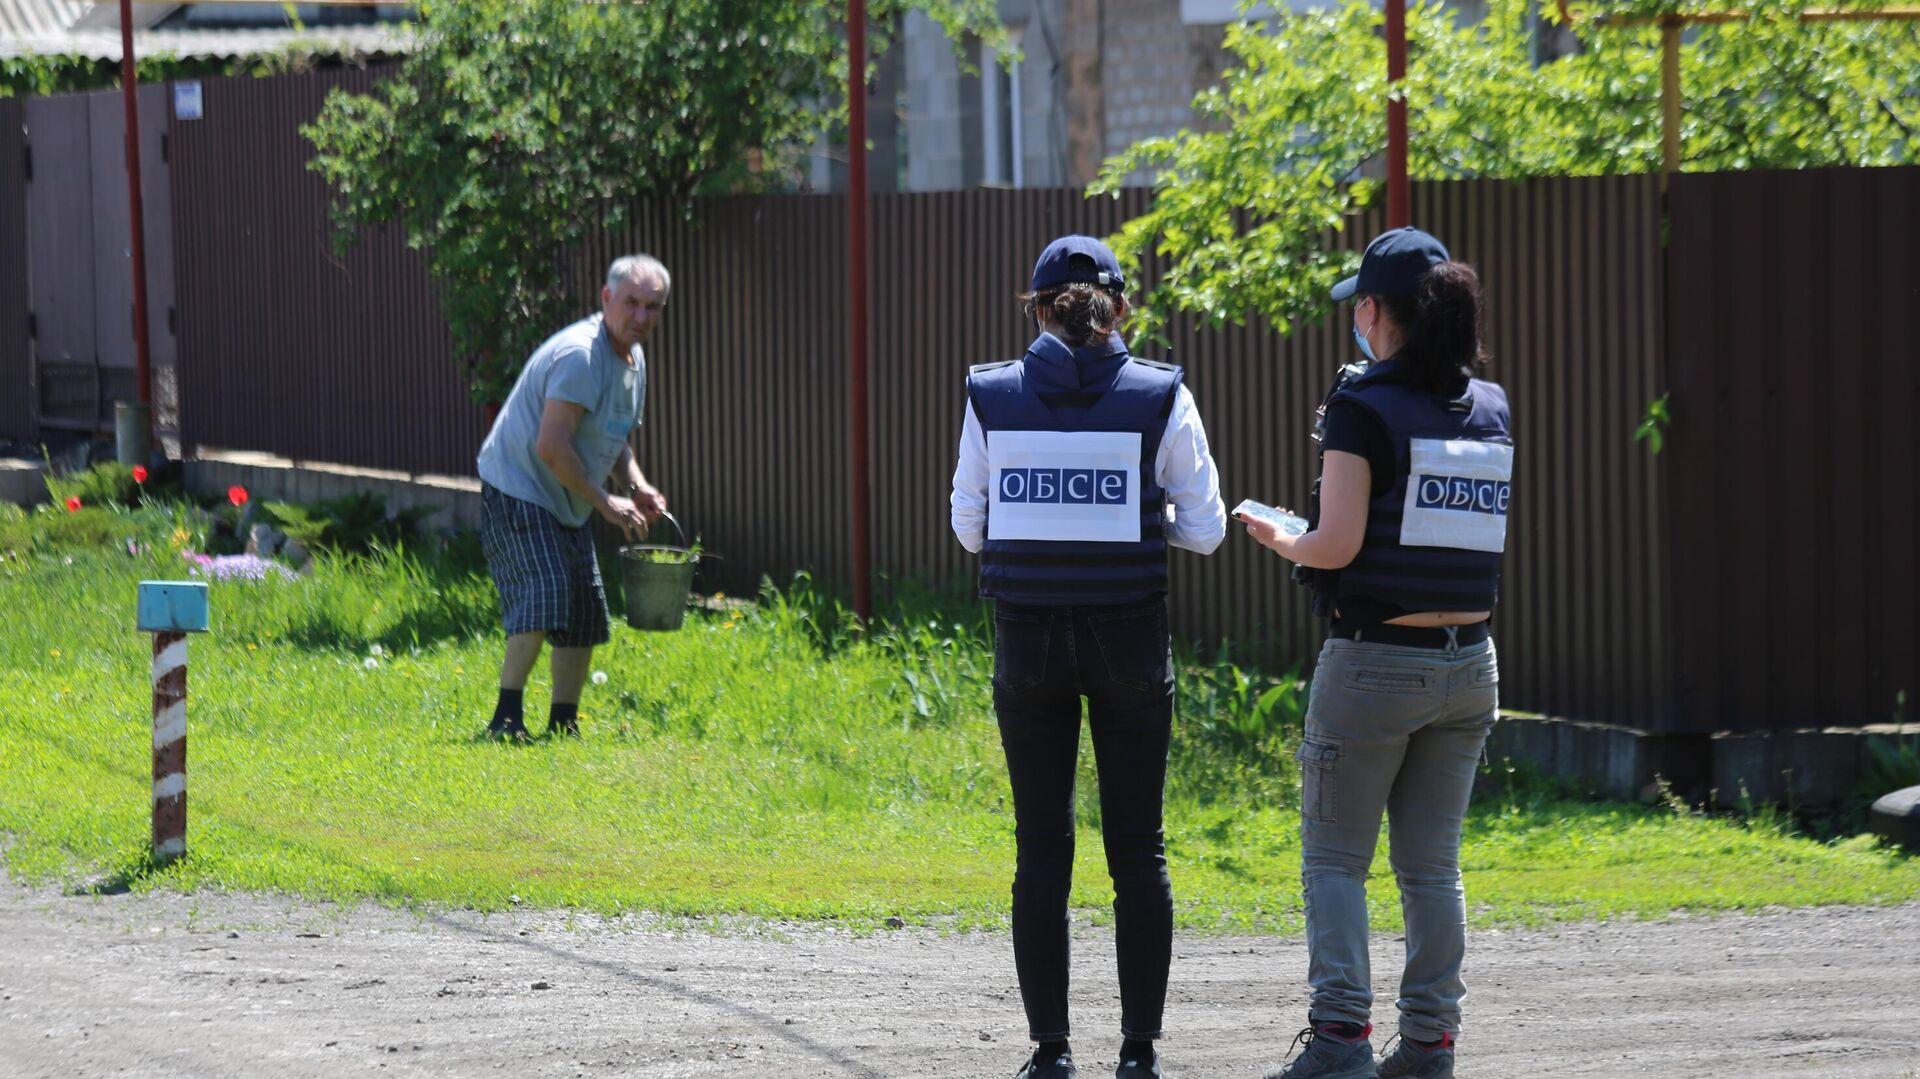 Представители мониторинговой миссии ОБСЕ прибыли на место обстрела в Петровском районе Донецка - РИА Новости, 1920, 17.07.2021